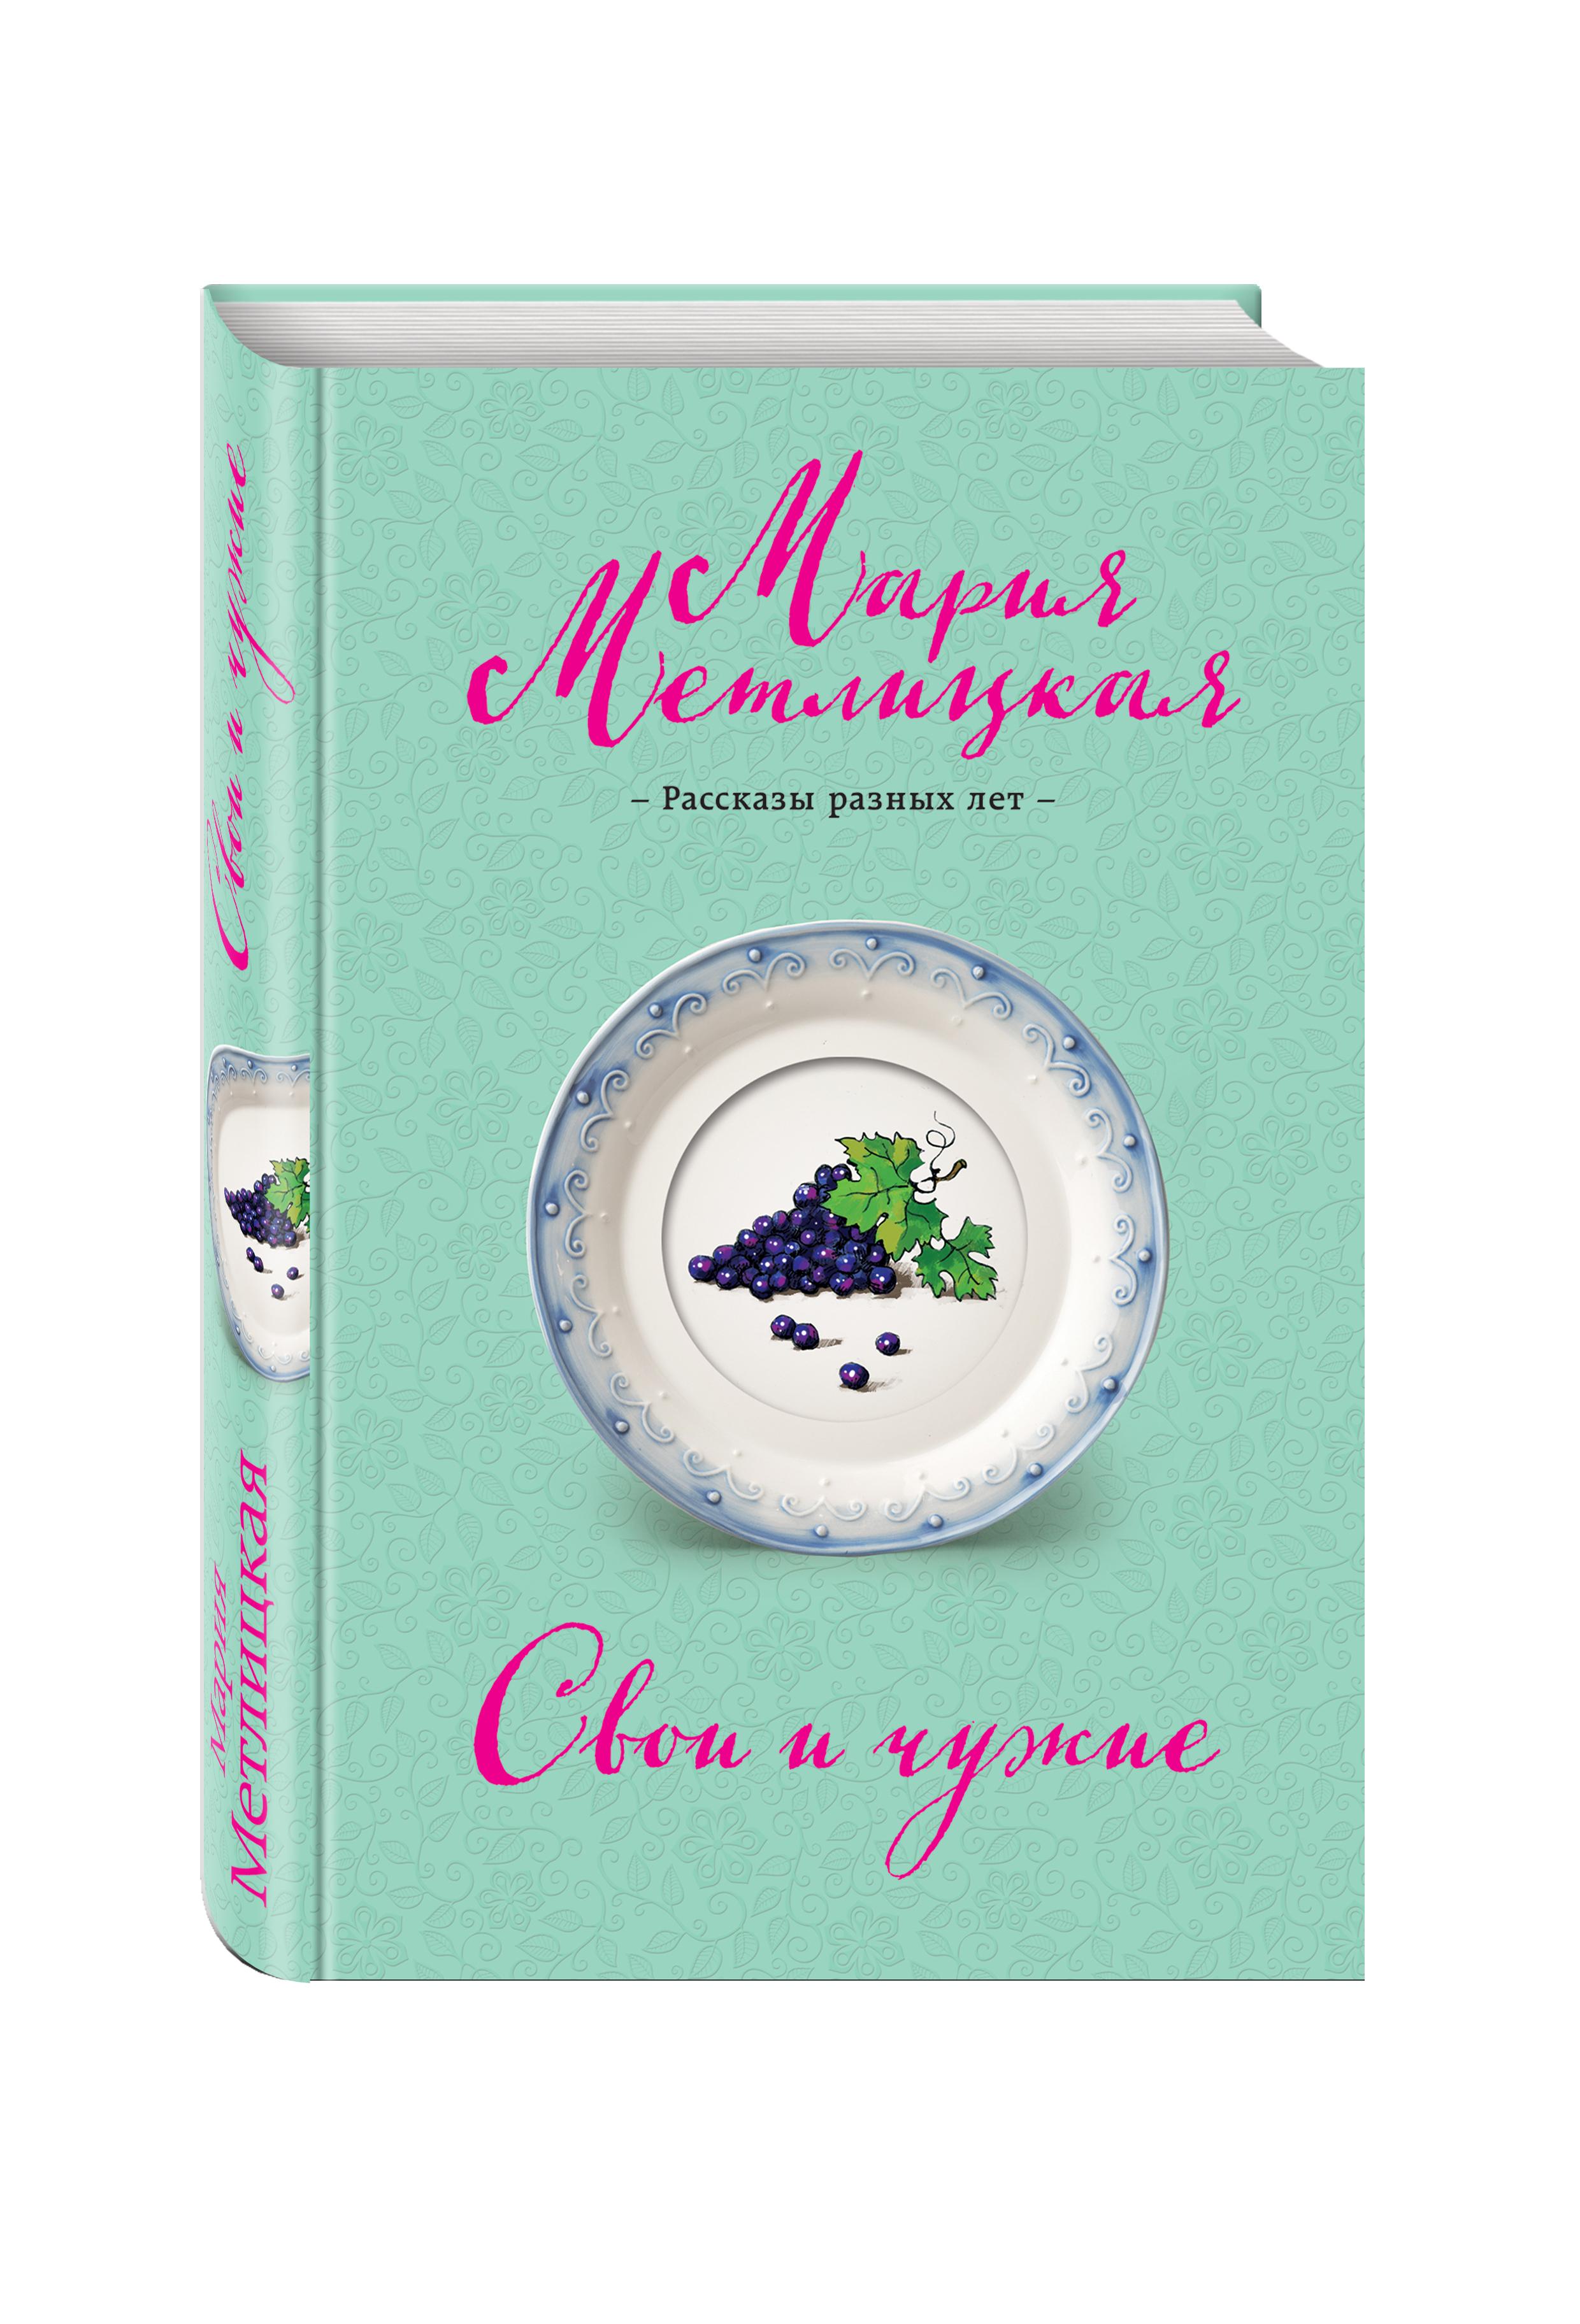 Метлицкая М. Свои и чужие